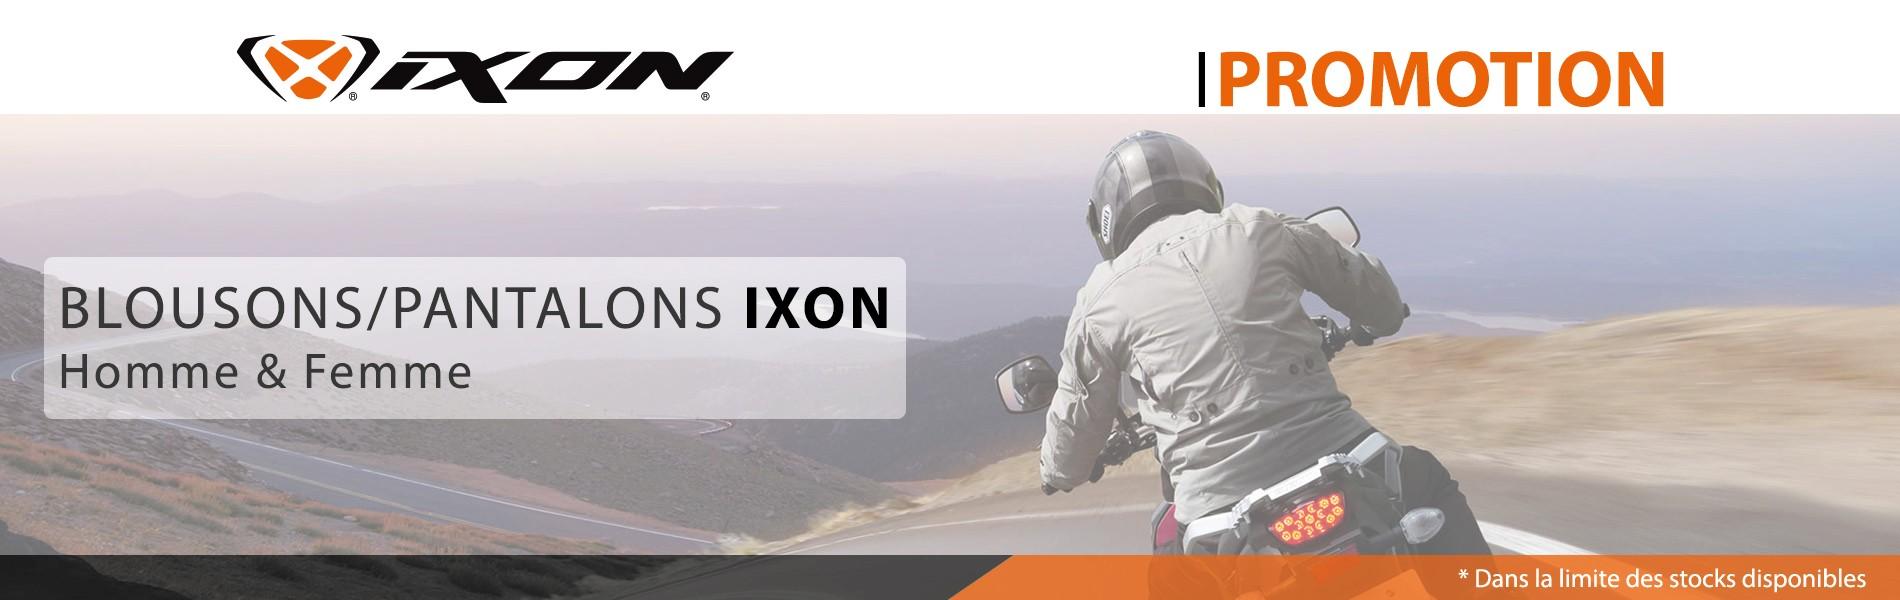 Promo sur les Blousons et Pantalons IXON